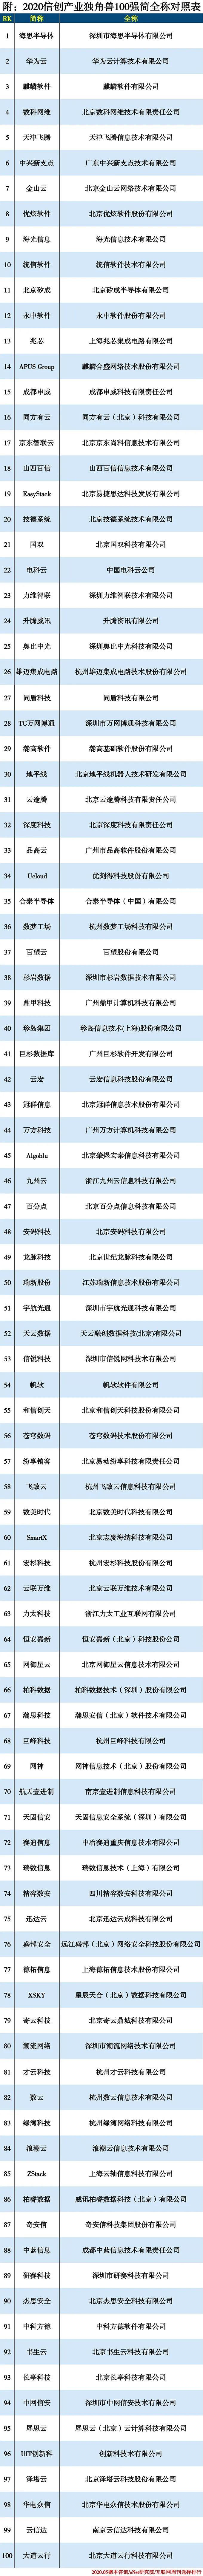 """020信创产业独角兽100强"""""""